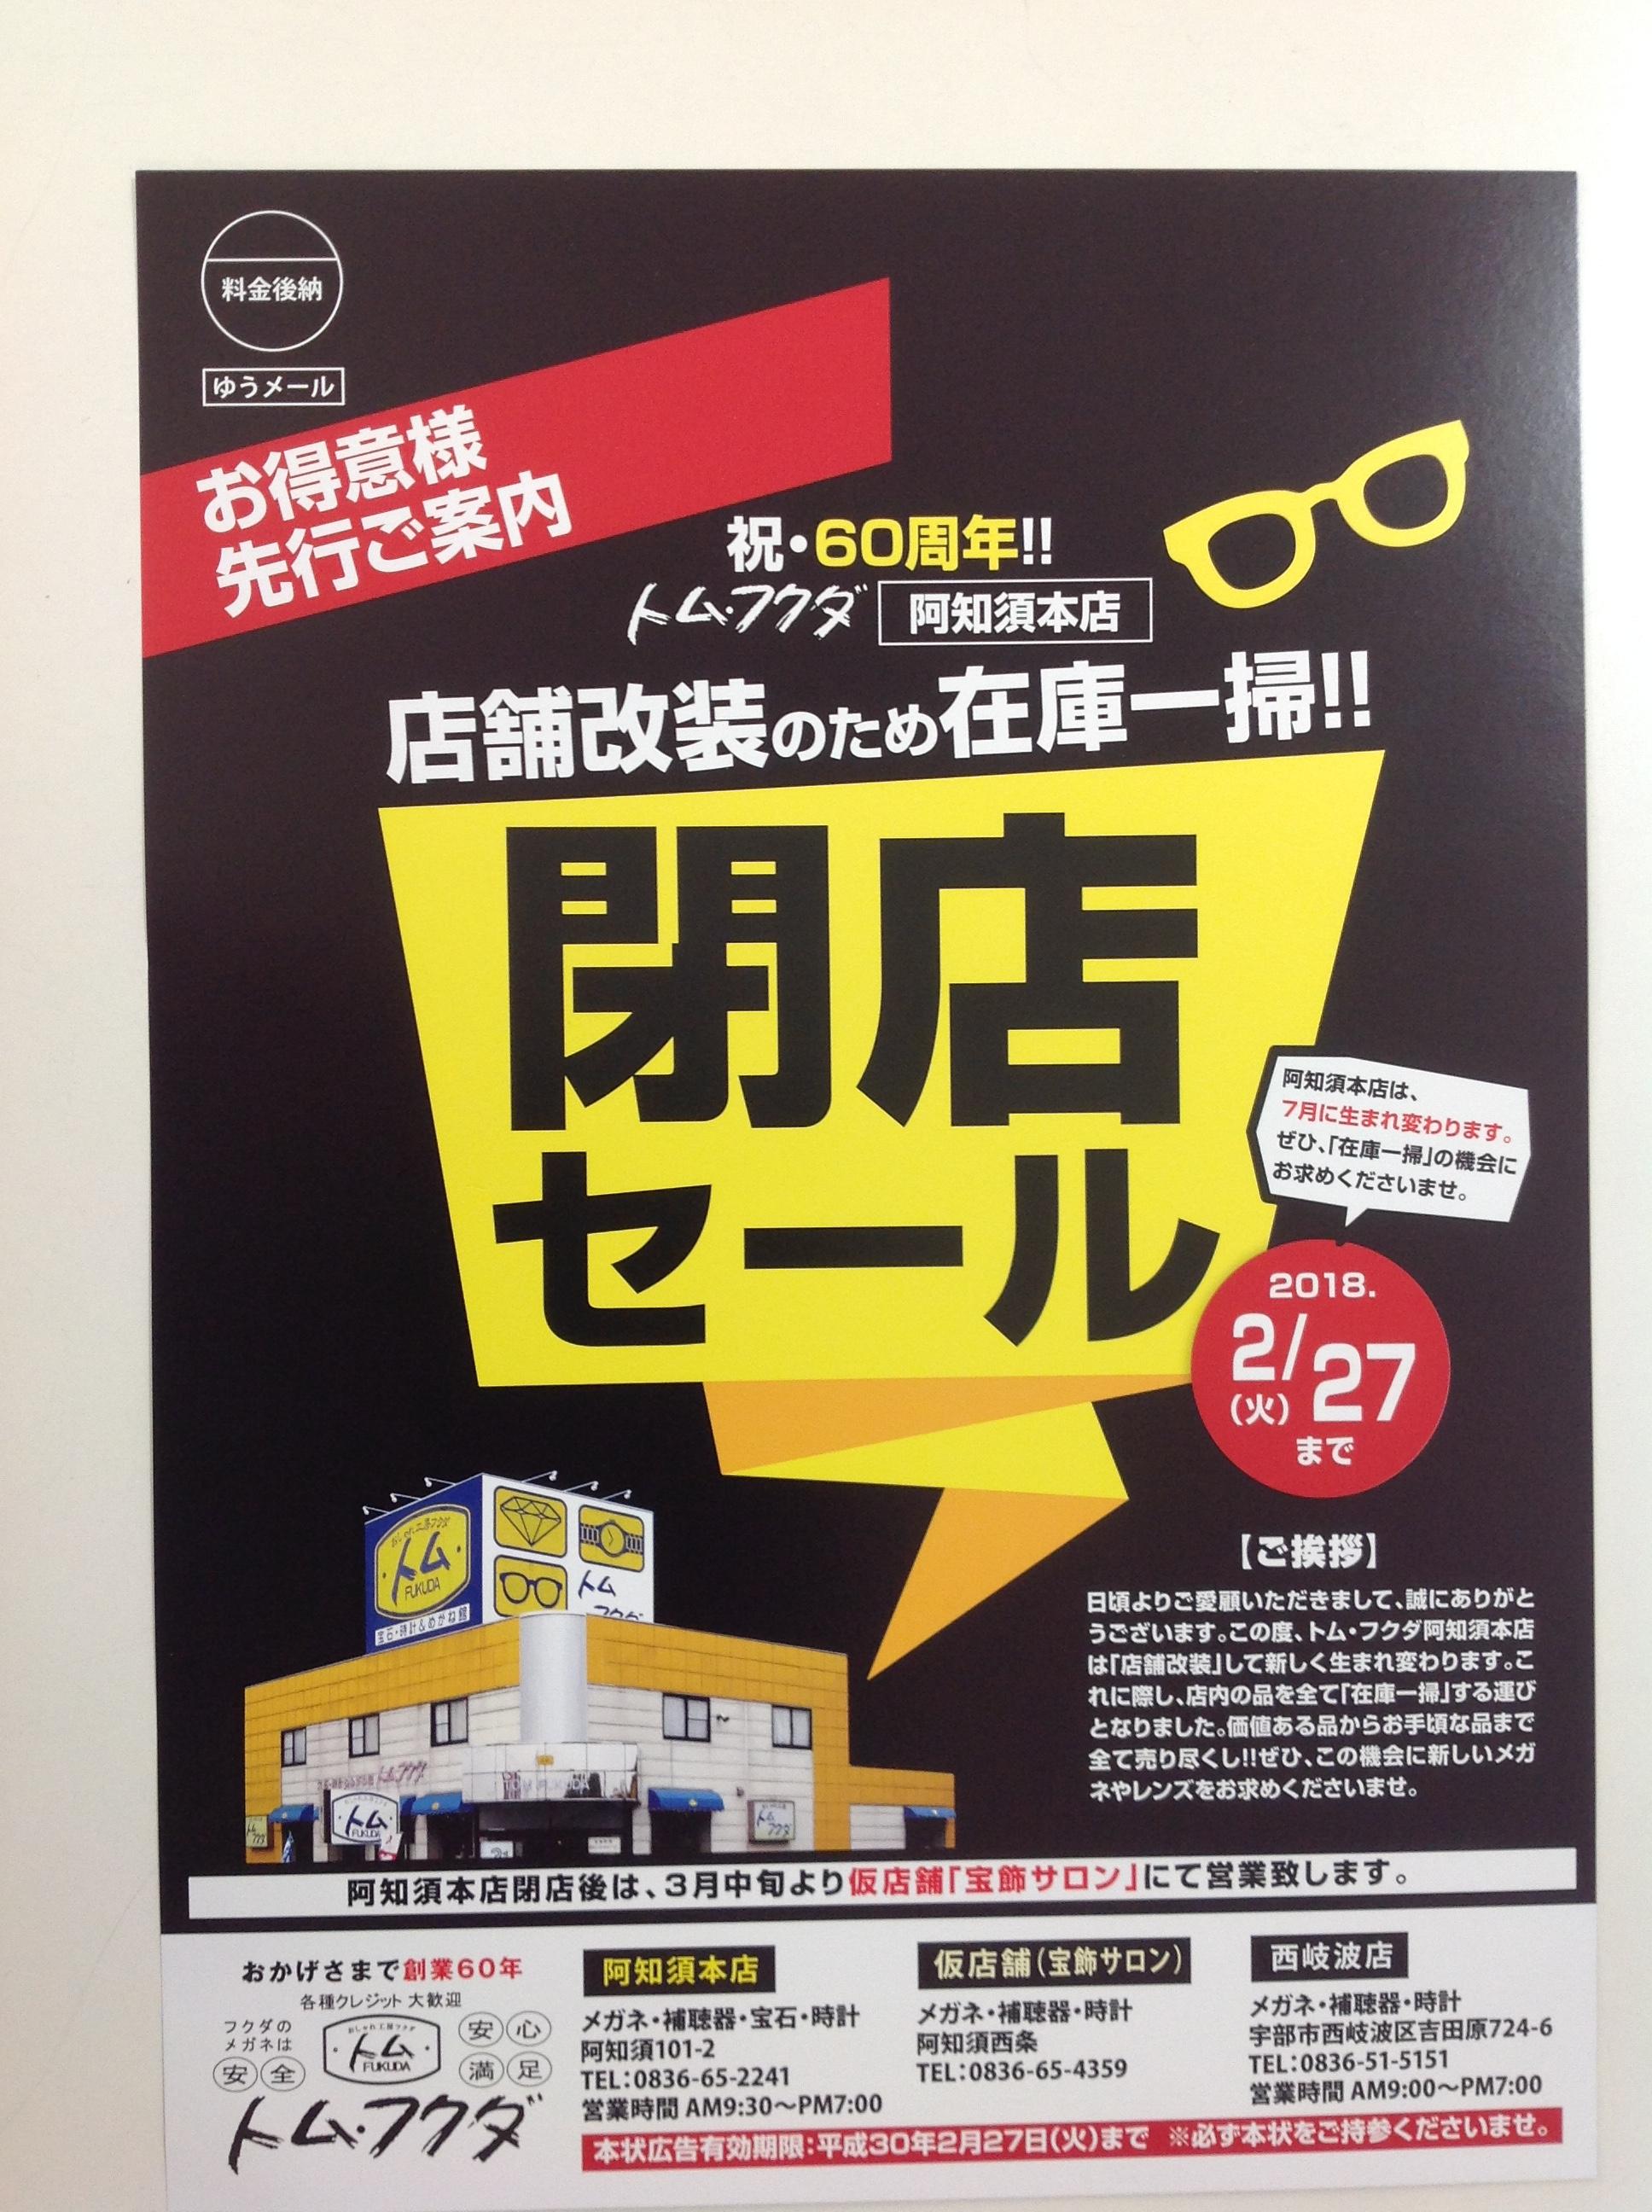 トム・フクダ阿知須本店 改装閉店セール メガネ部門